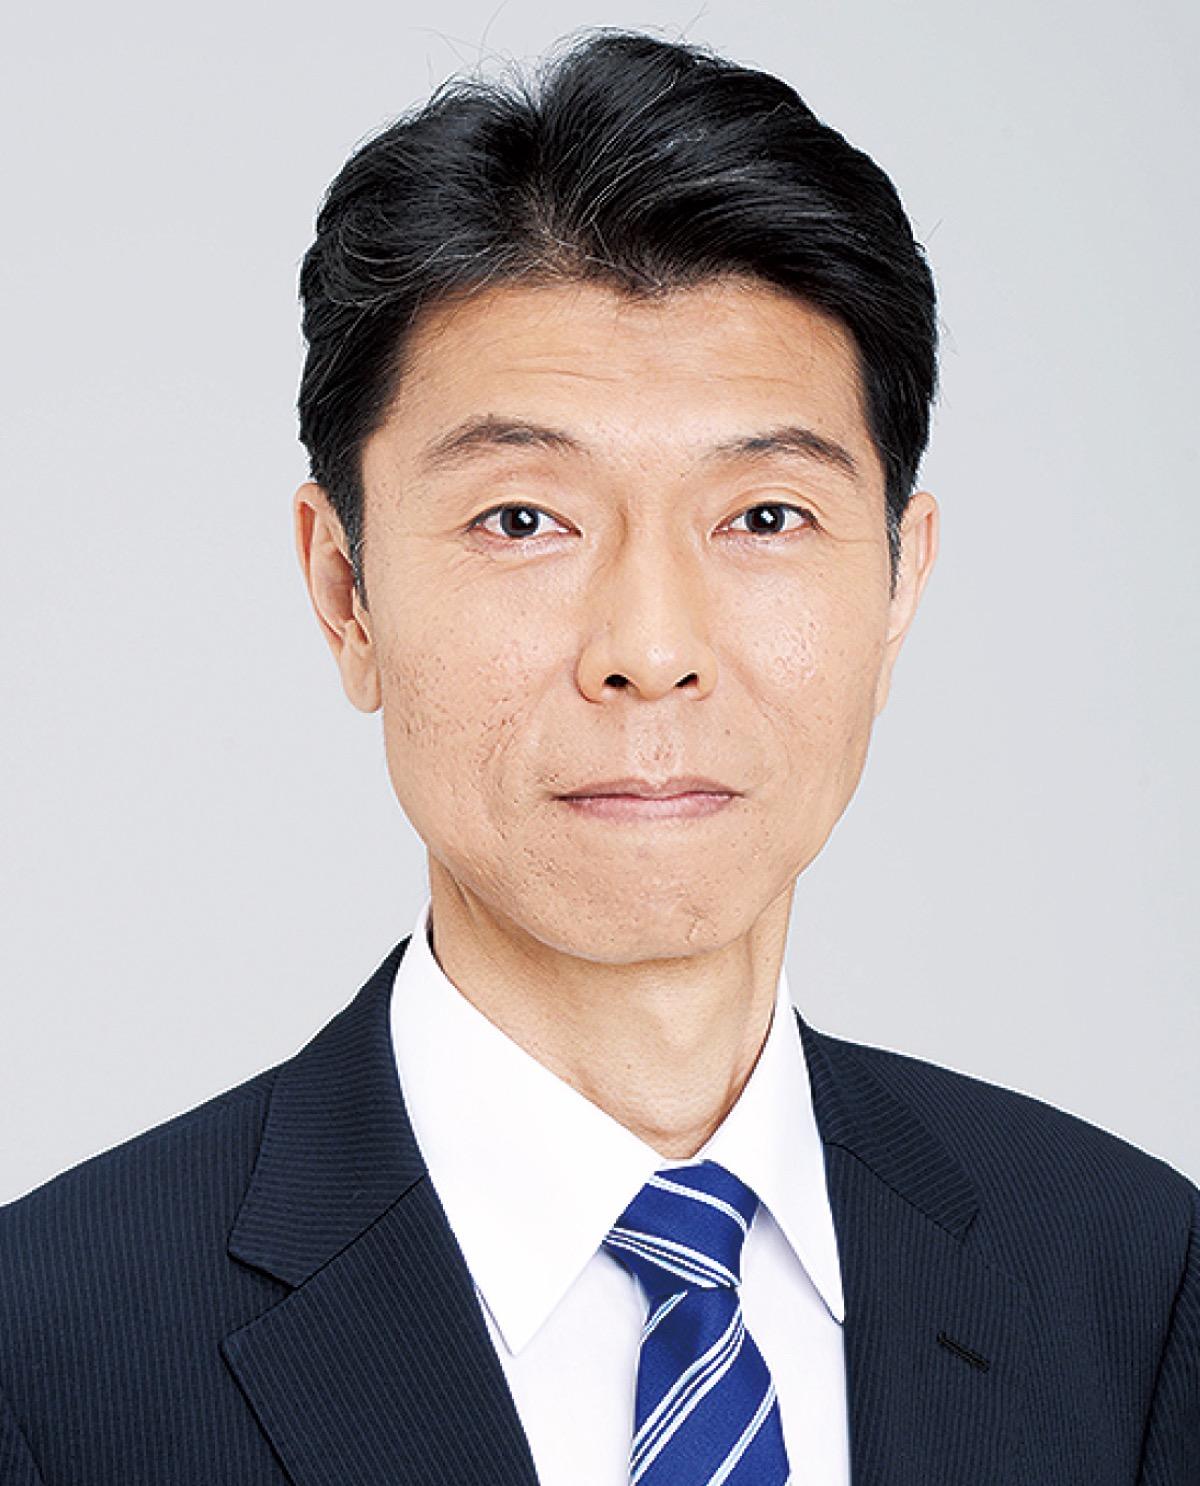 市政報告【8】 子ども達の明るい未来のために全力 横浜市会議員 木内ひでかず | 旭区 | タウンニュース